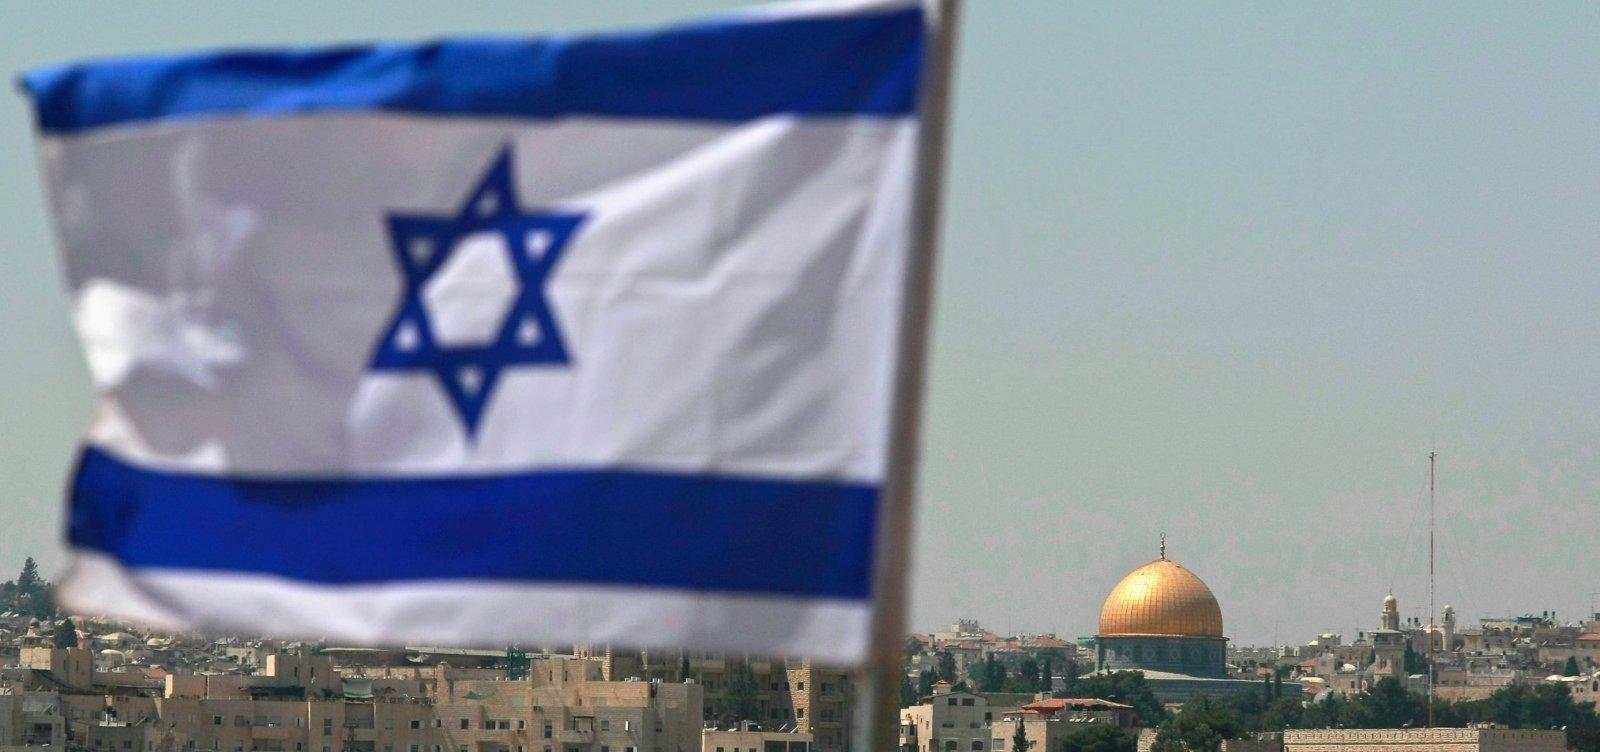 Após 11 dias e 244 mortos, Israel e Hamas anunciam trégua em conflito